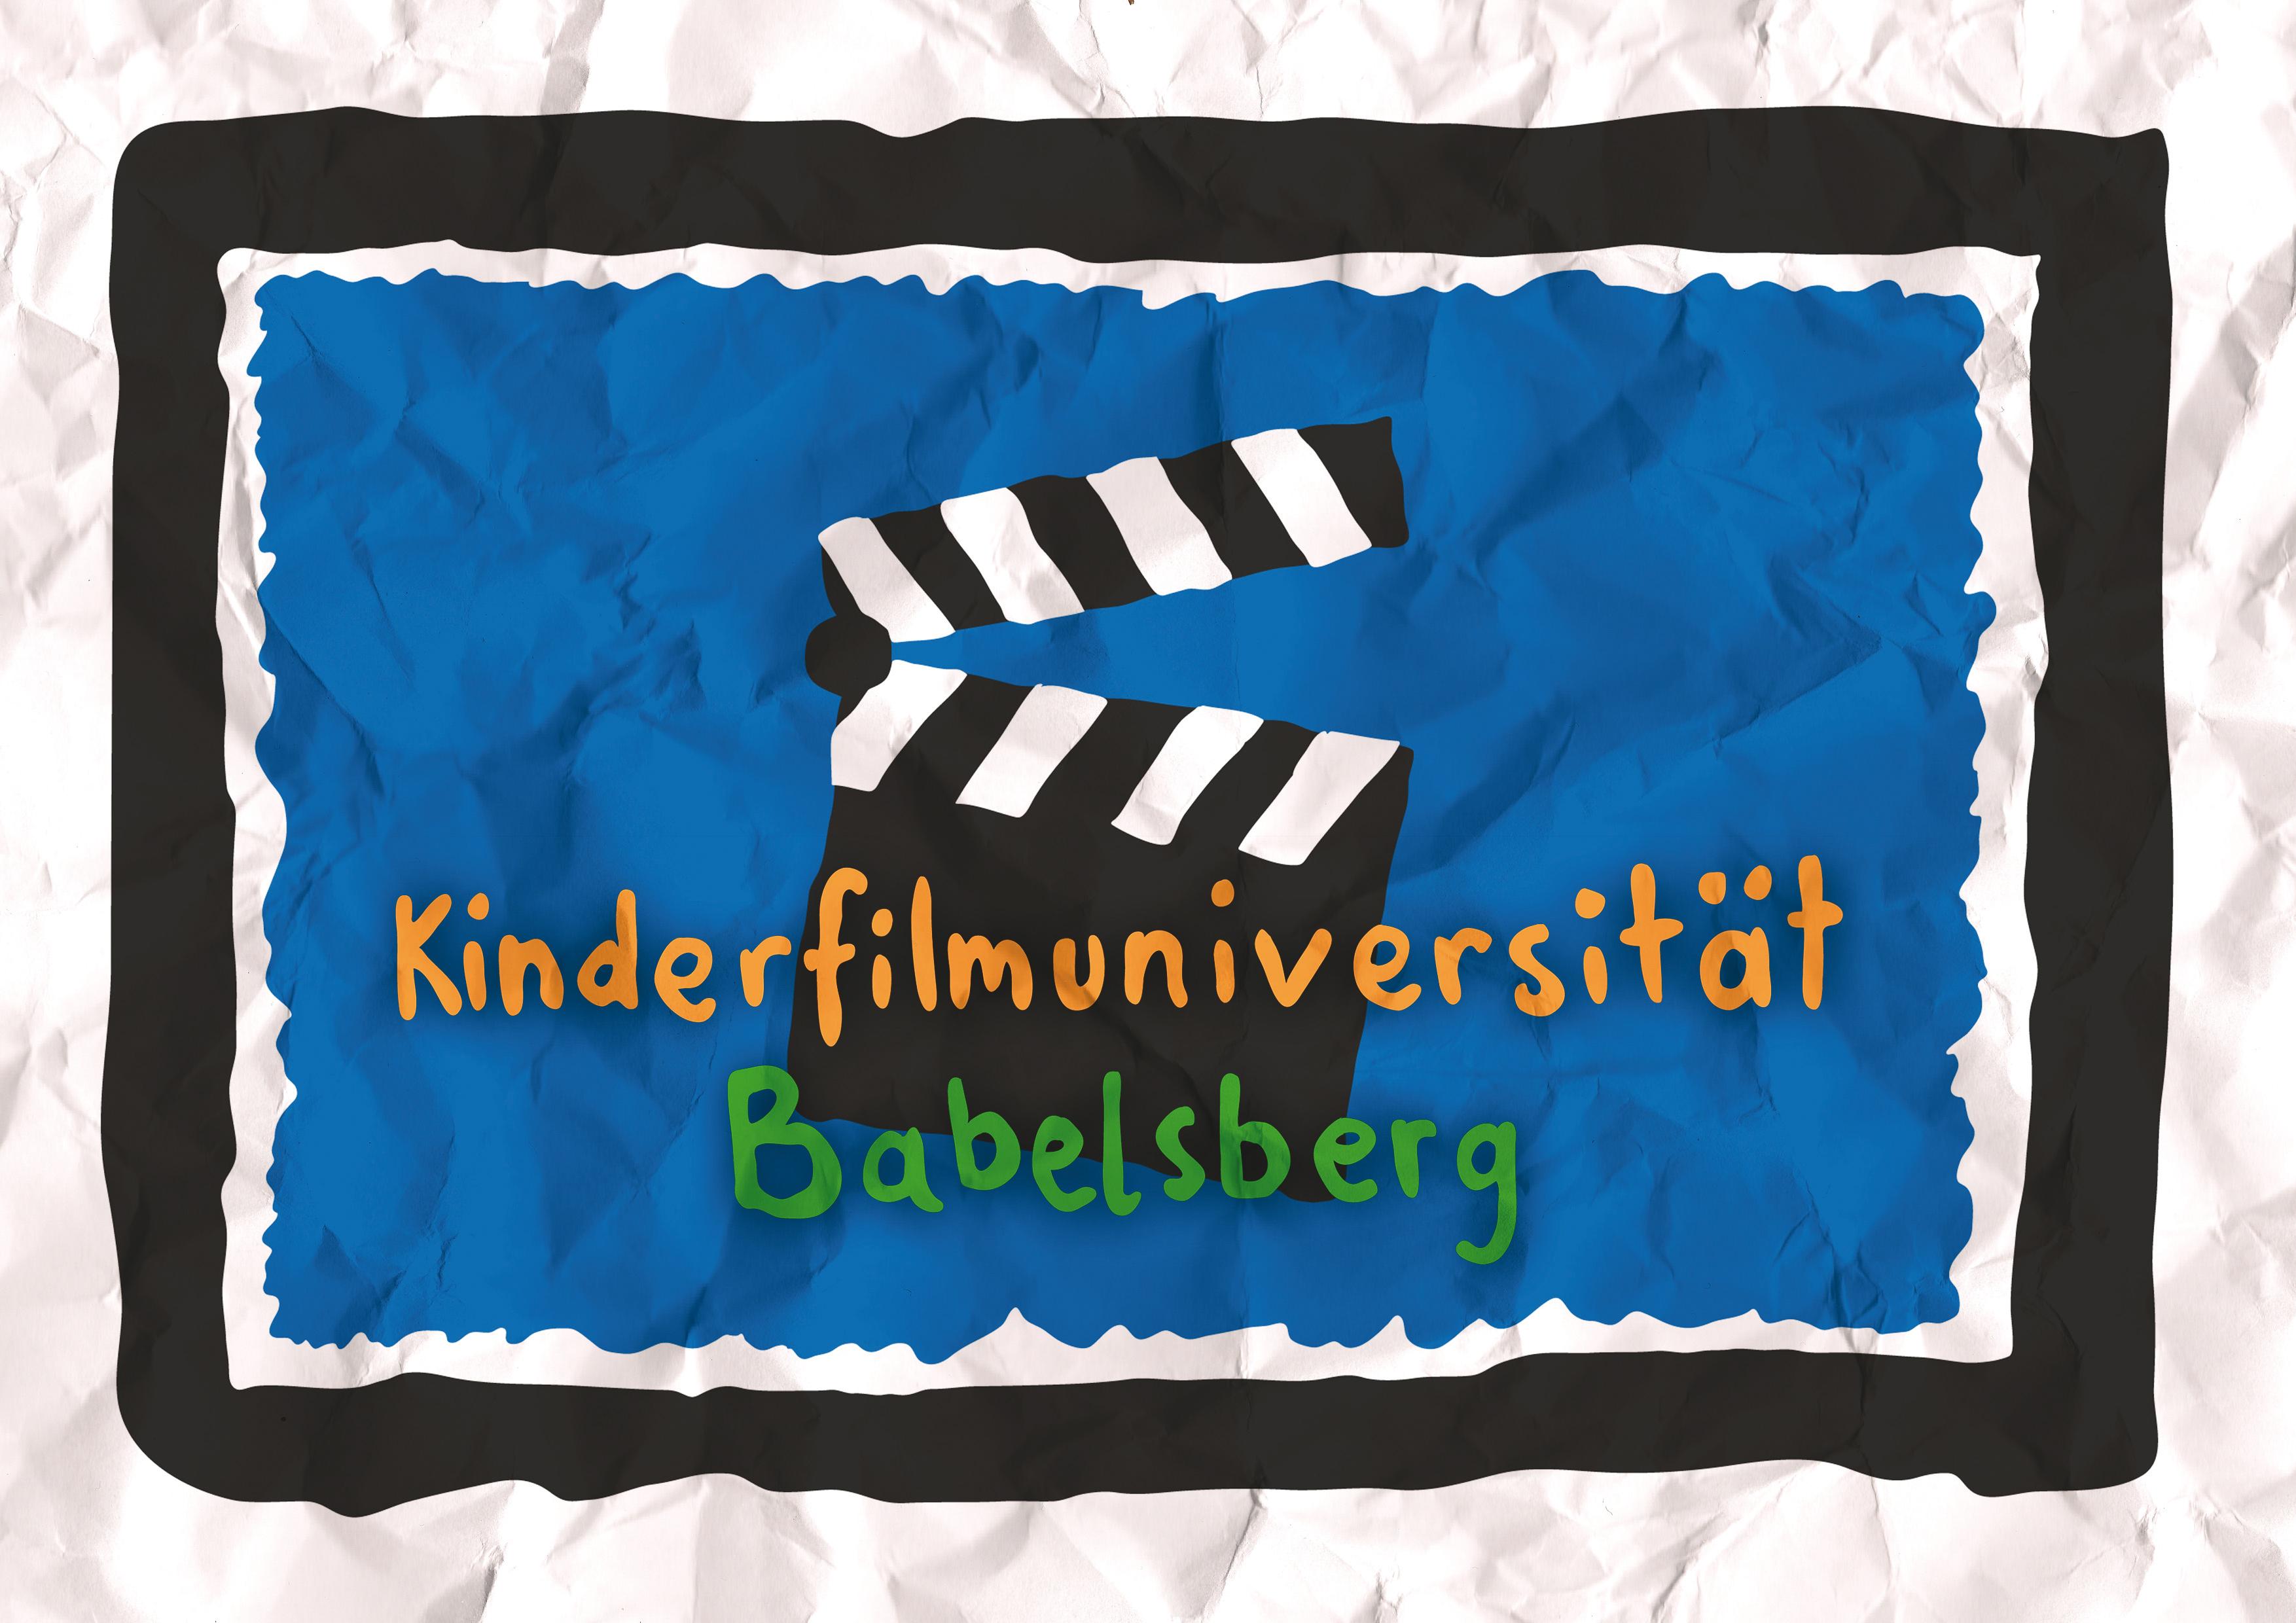 Willkommen bei der Kinderfilmuniversität Babelsberg